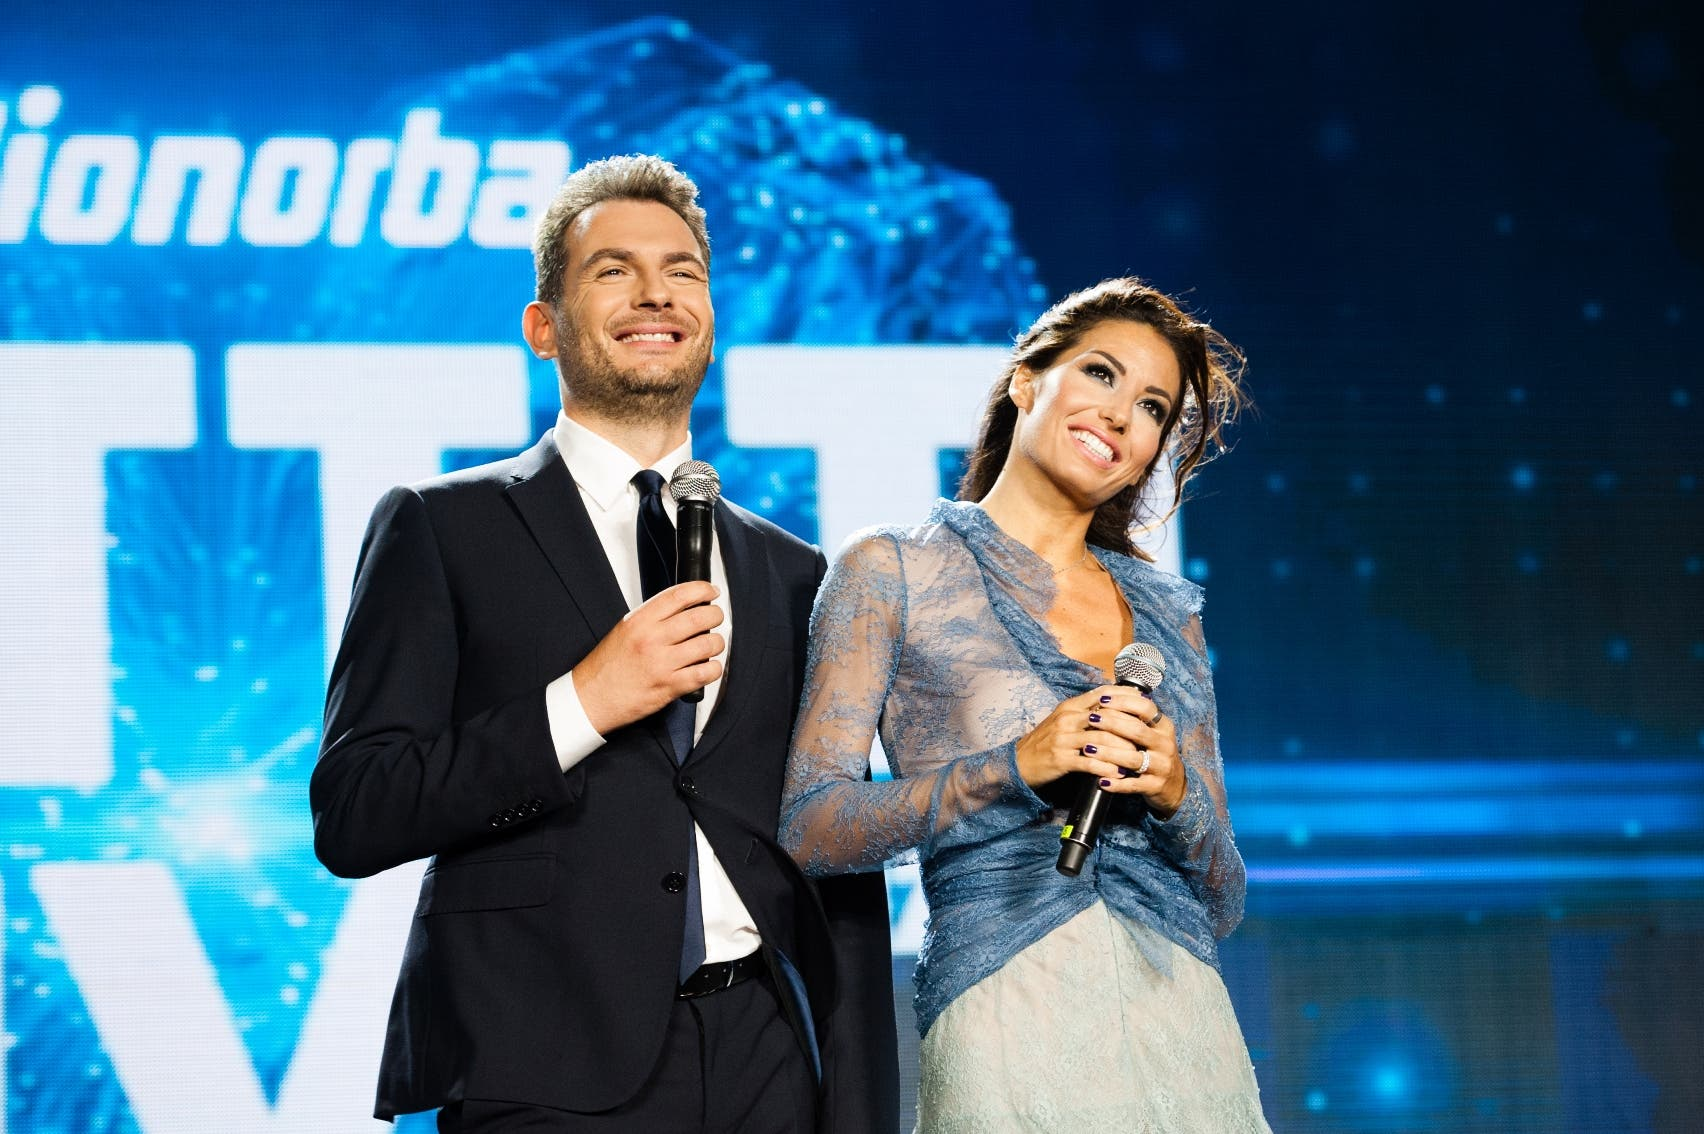 Alan Palmieri ed Elisabetta Gregoraci - Battiti Live 2017